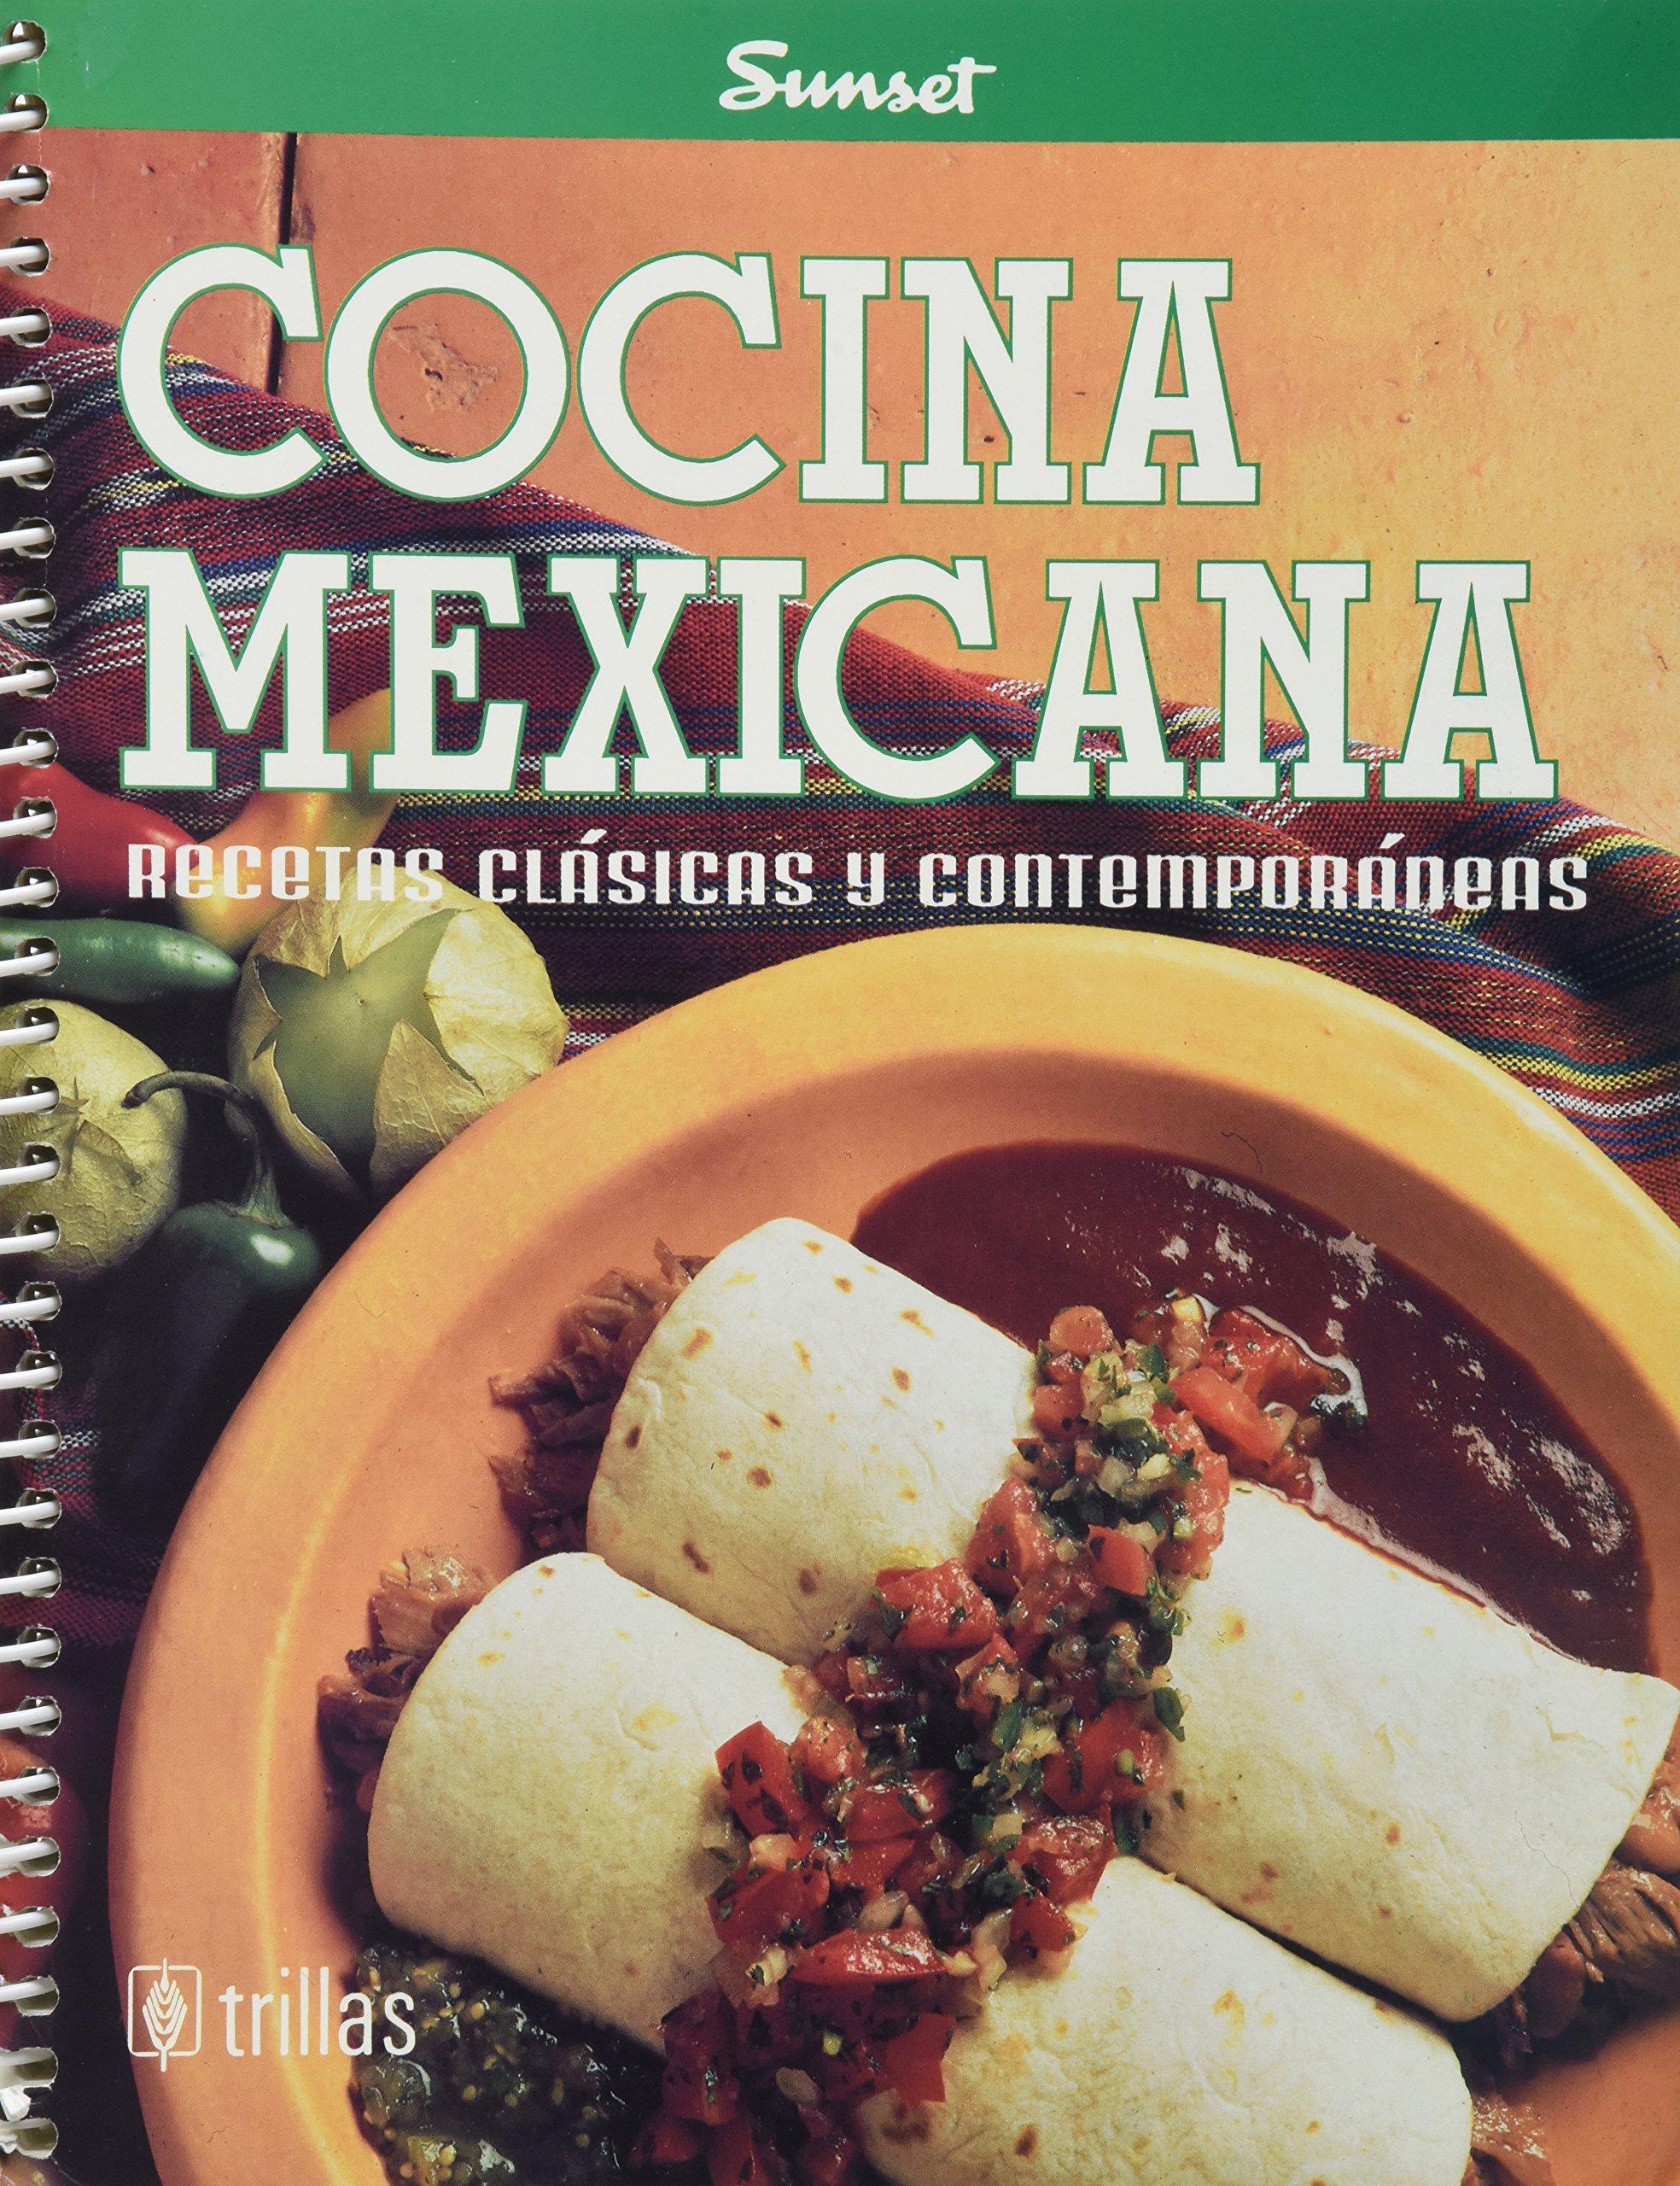 Cocina Mexicana Mexican Cuisine Recetas Clasicas Y